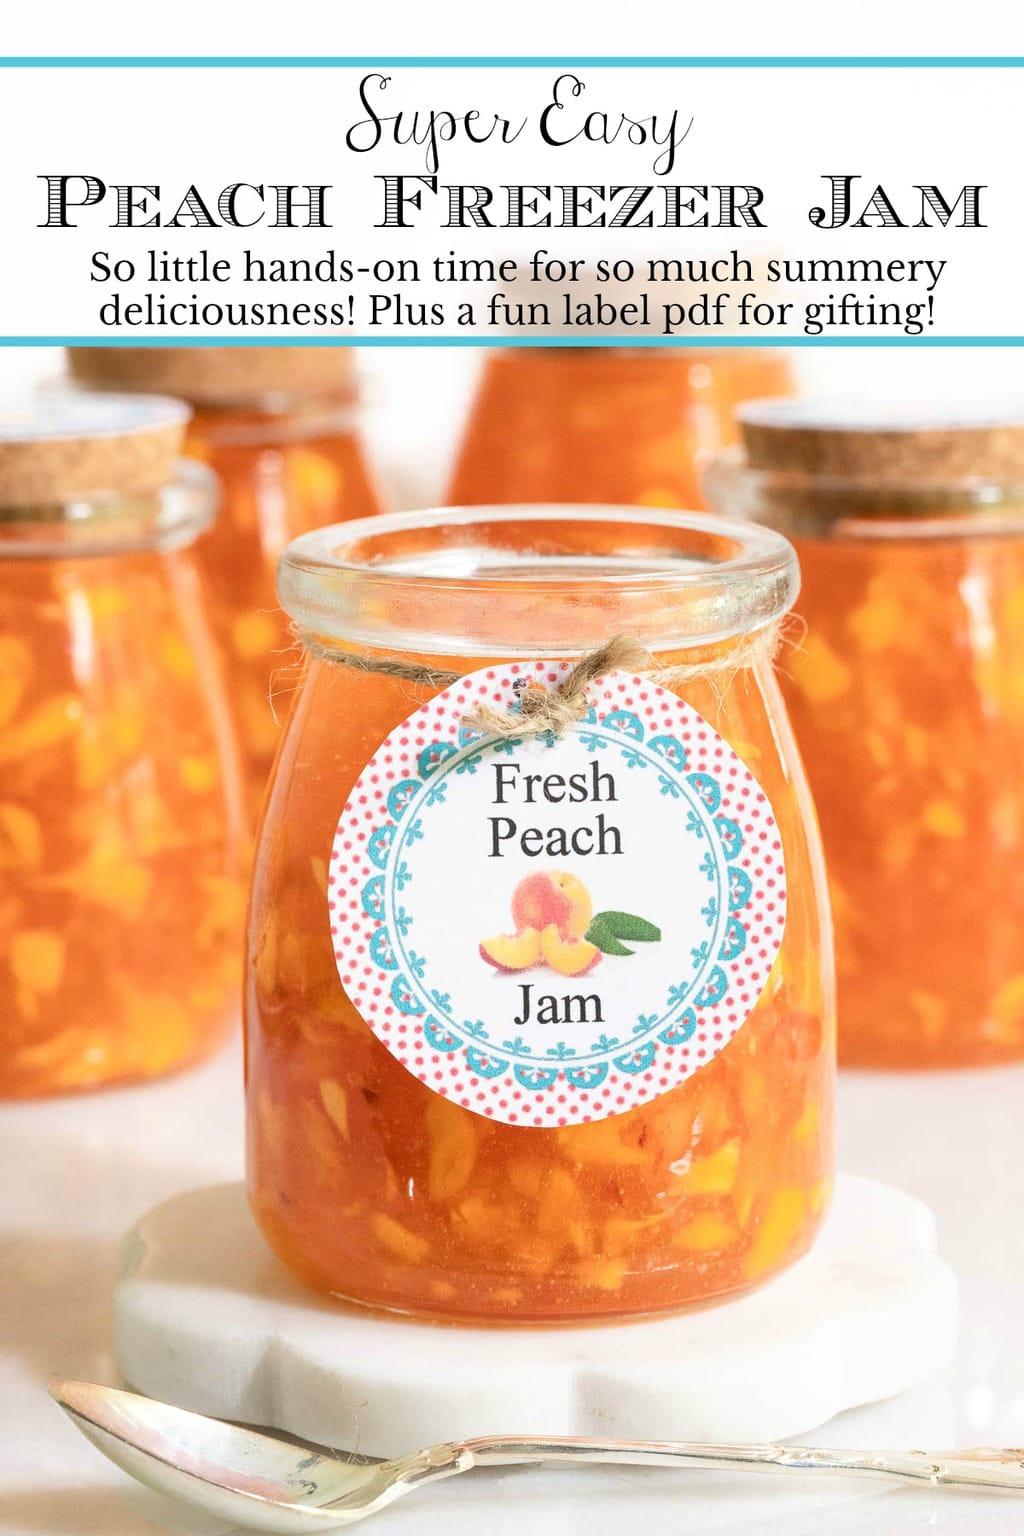 Super Easy Peach Freezer Jam